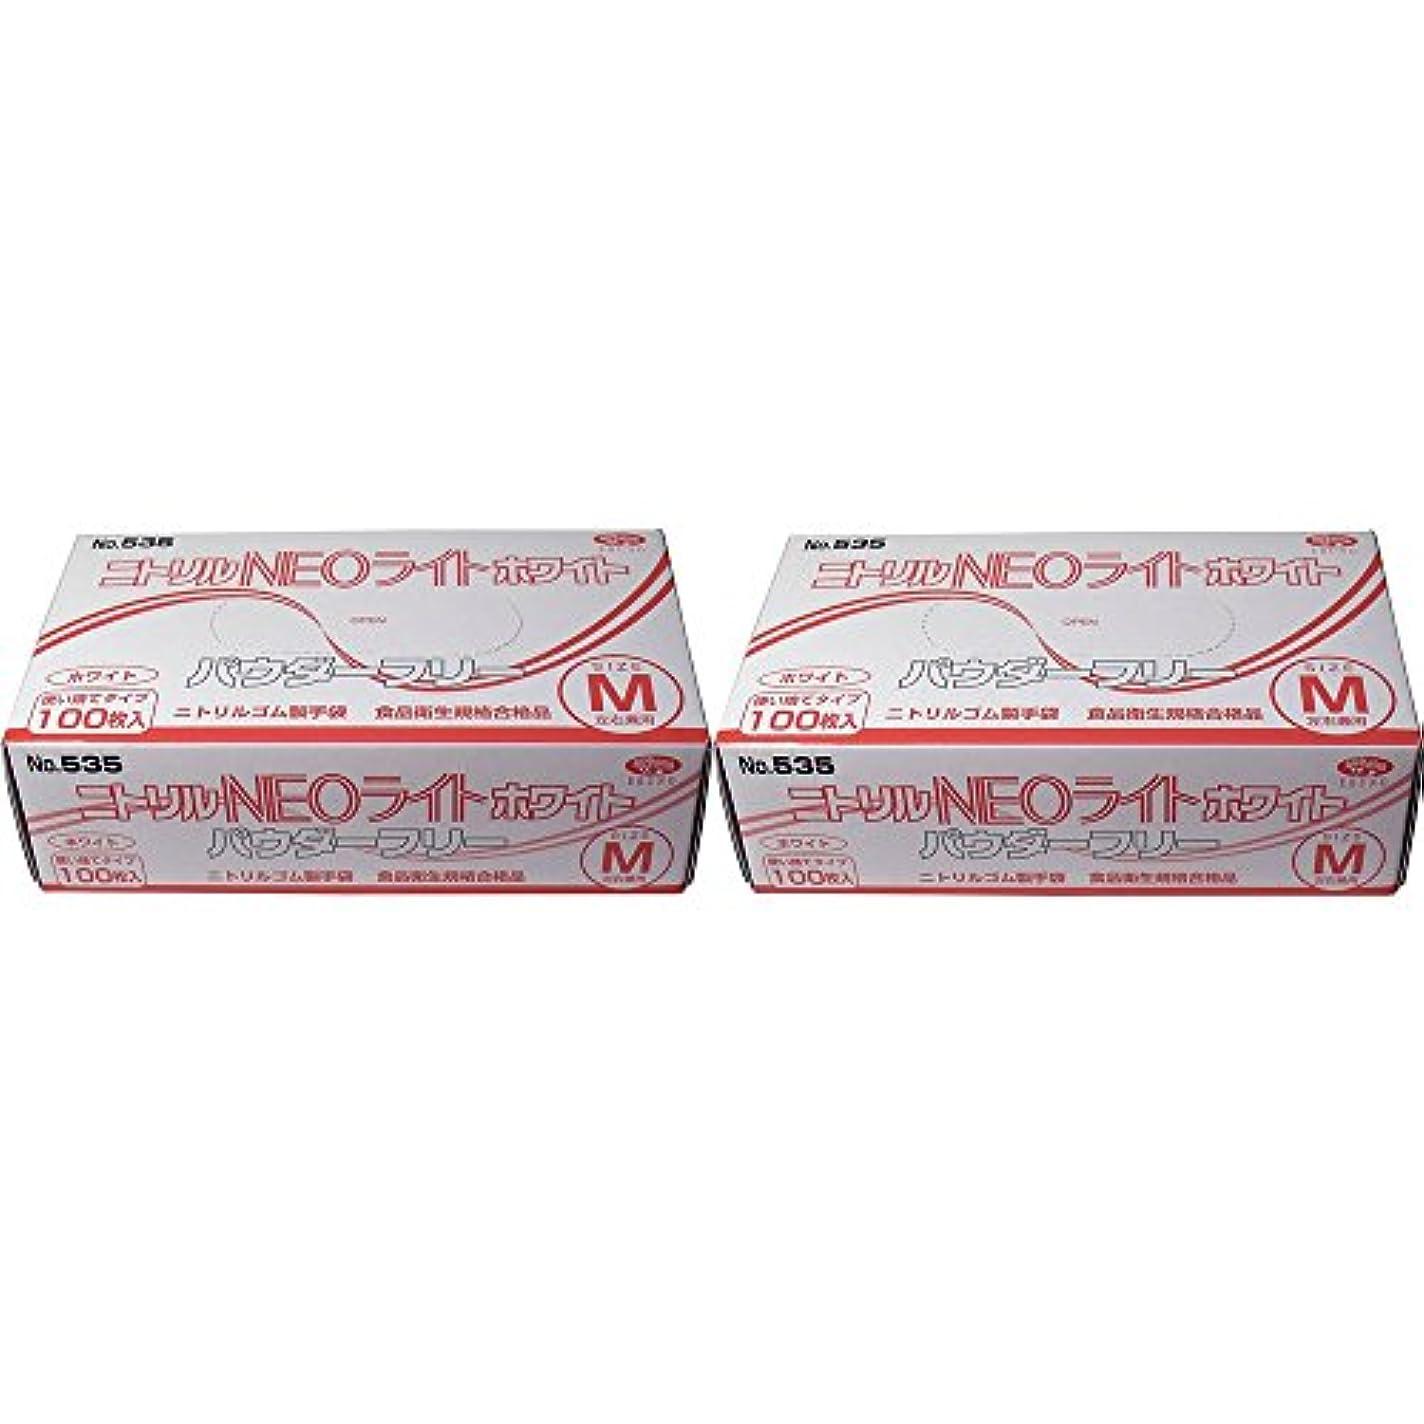 バウンス格納カナダ【セット品】ニトリル手袋 パウダーフリー ホワイト Mサイズ×2個